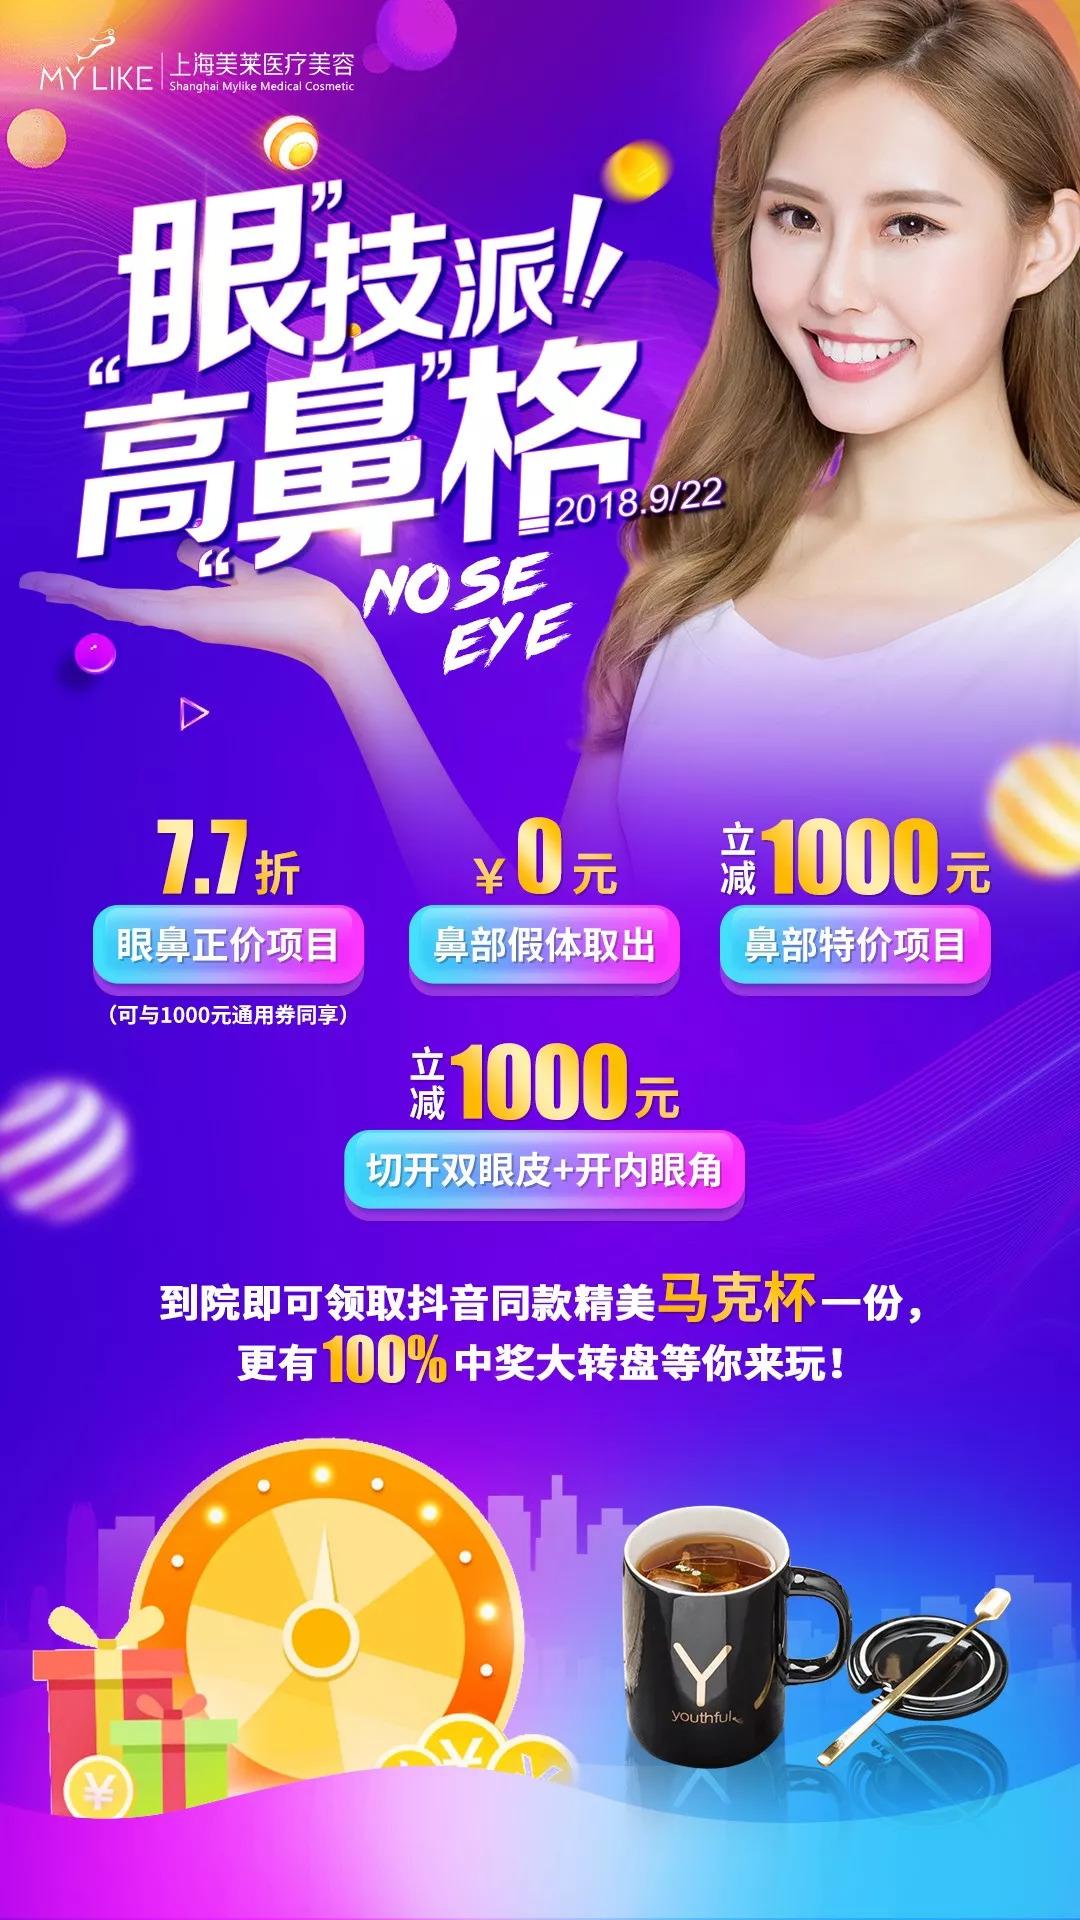 9月22日上海美莱「眼技派•高鼻格」眼鼻项目7.7折!